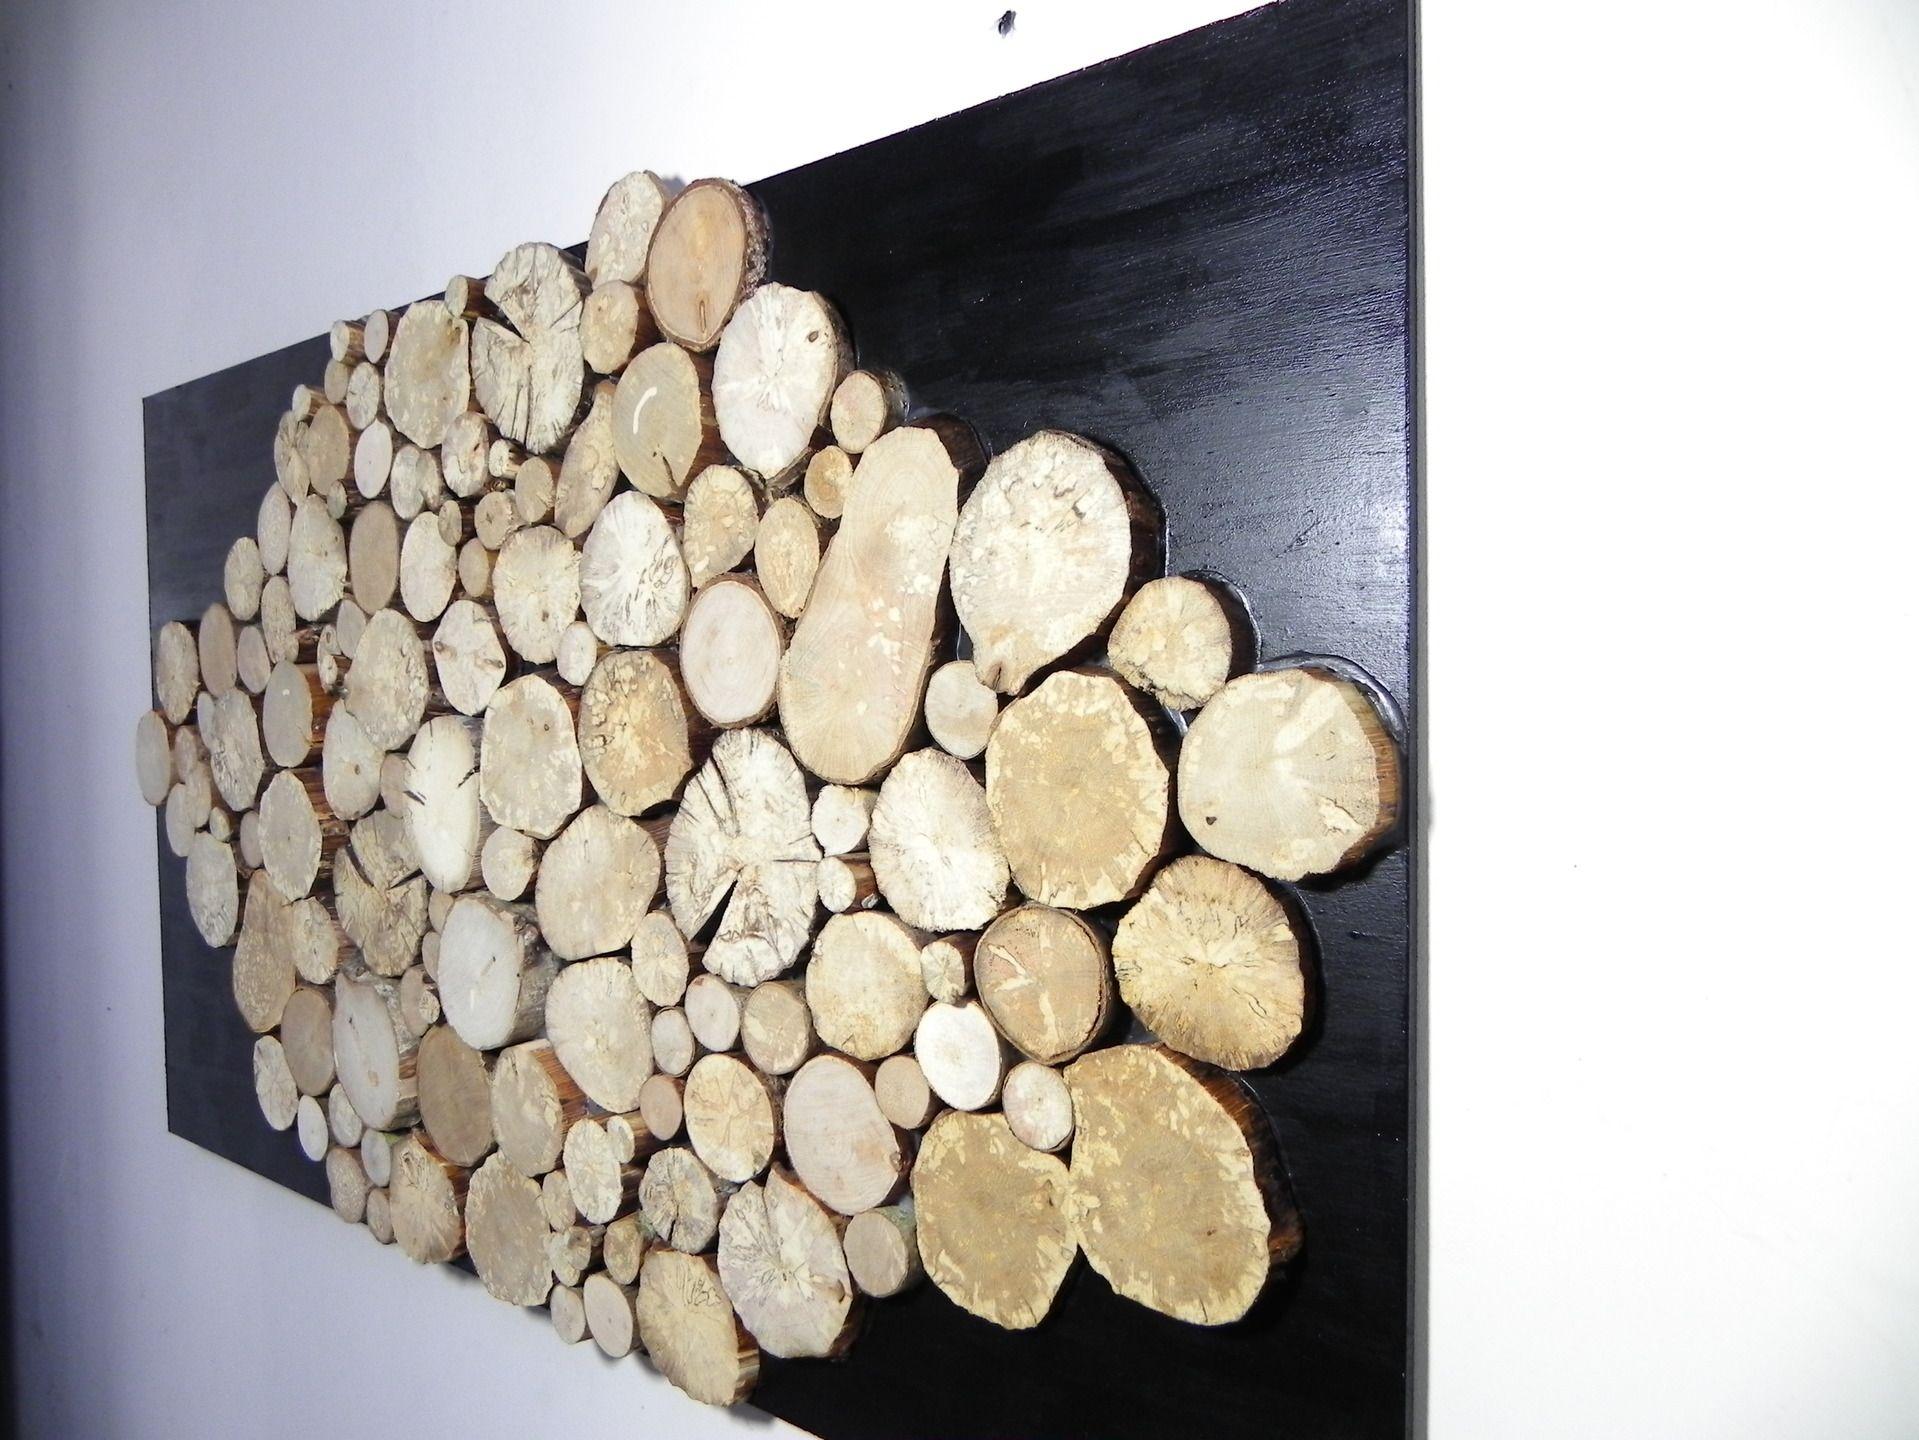 Grand tableau design abstrait en rondelles de bois brut sur